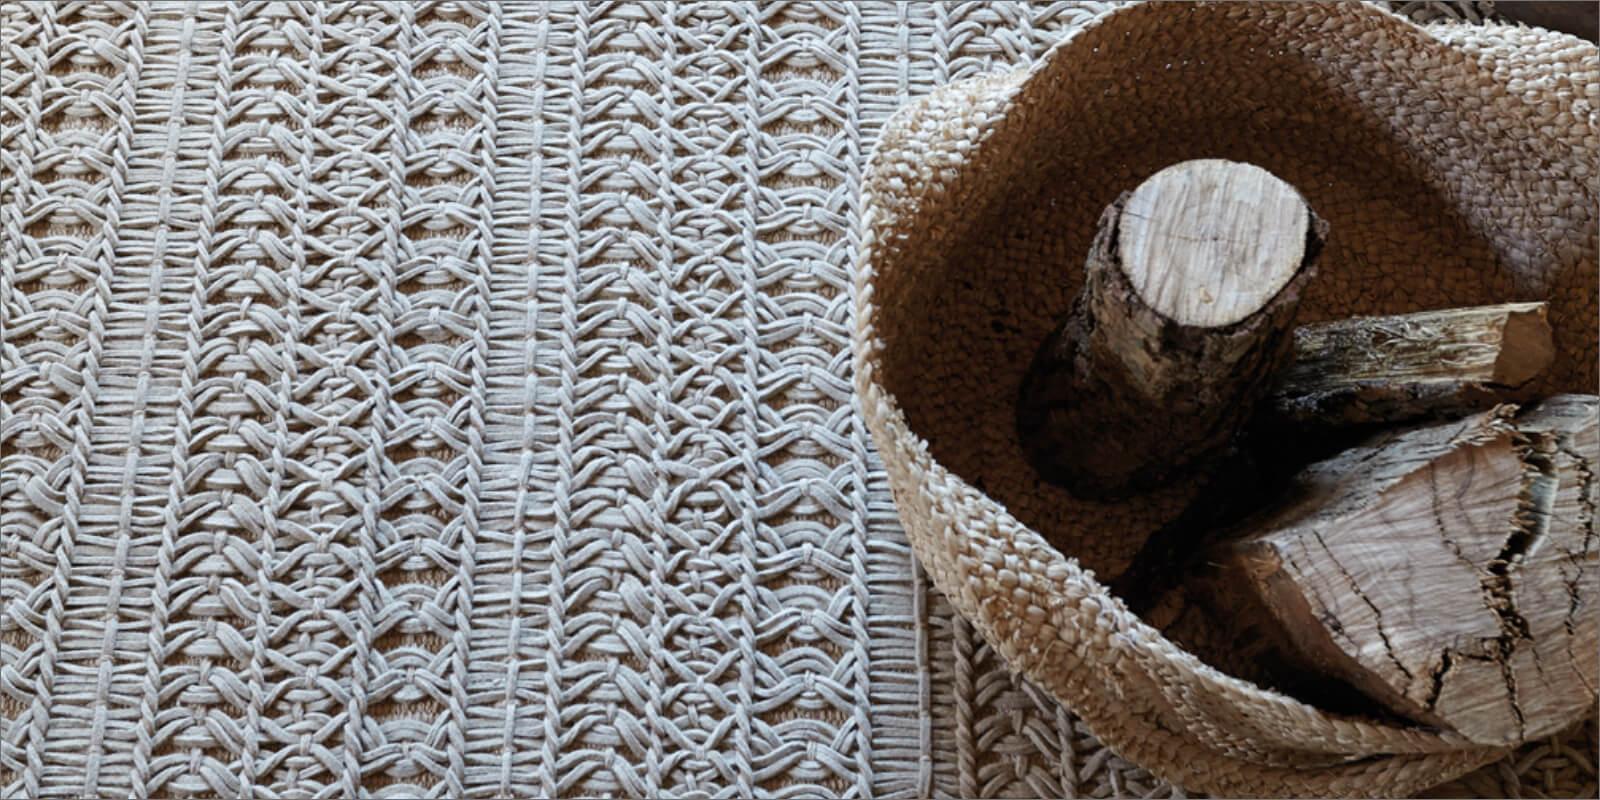 Dettaglio tappeto moderno